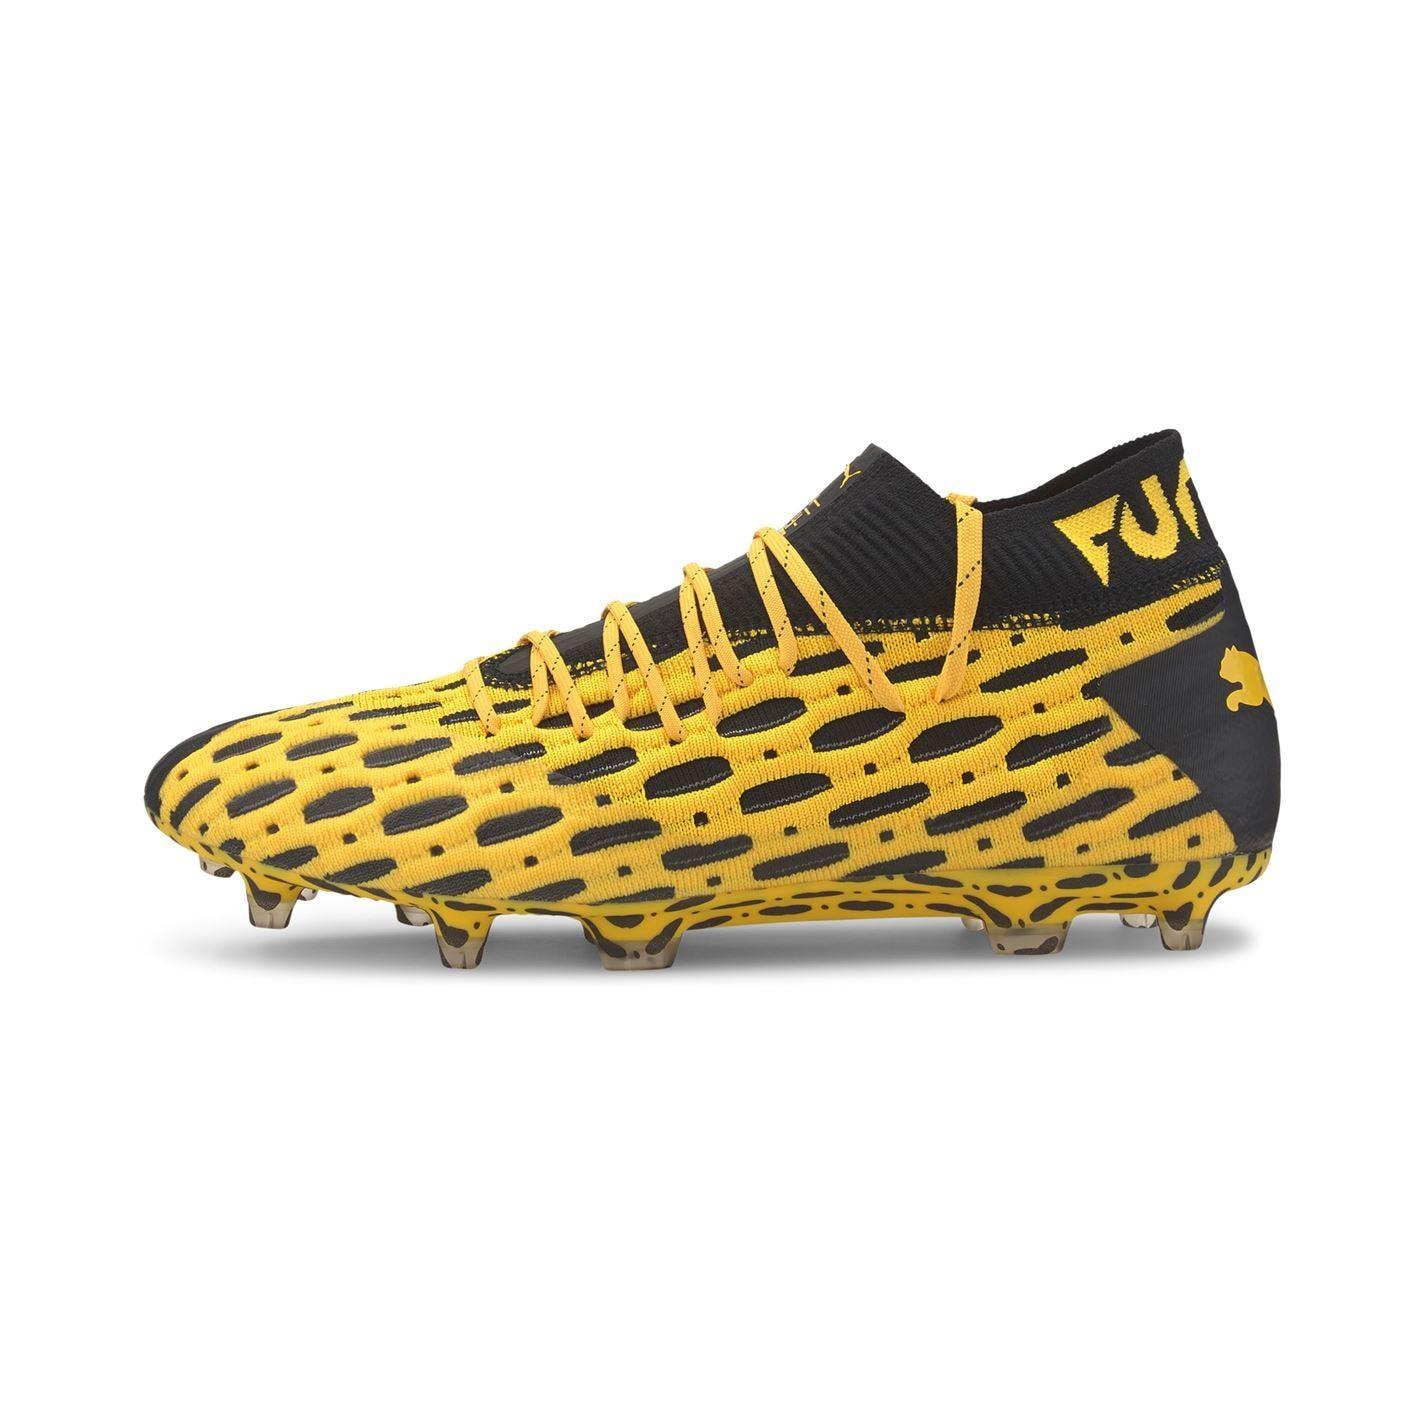 miniature 7 - Puma Future 5.1 Homme FG Firm Ground Chaussures De Football Chaussures de Foot Crampons Baskets